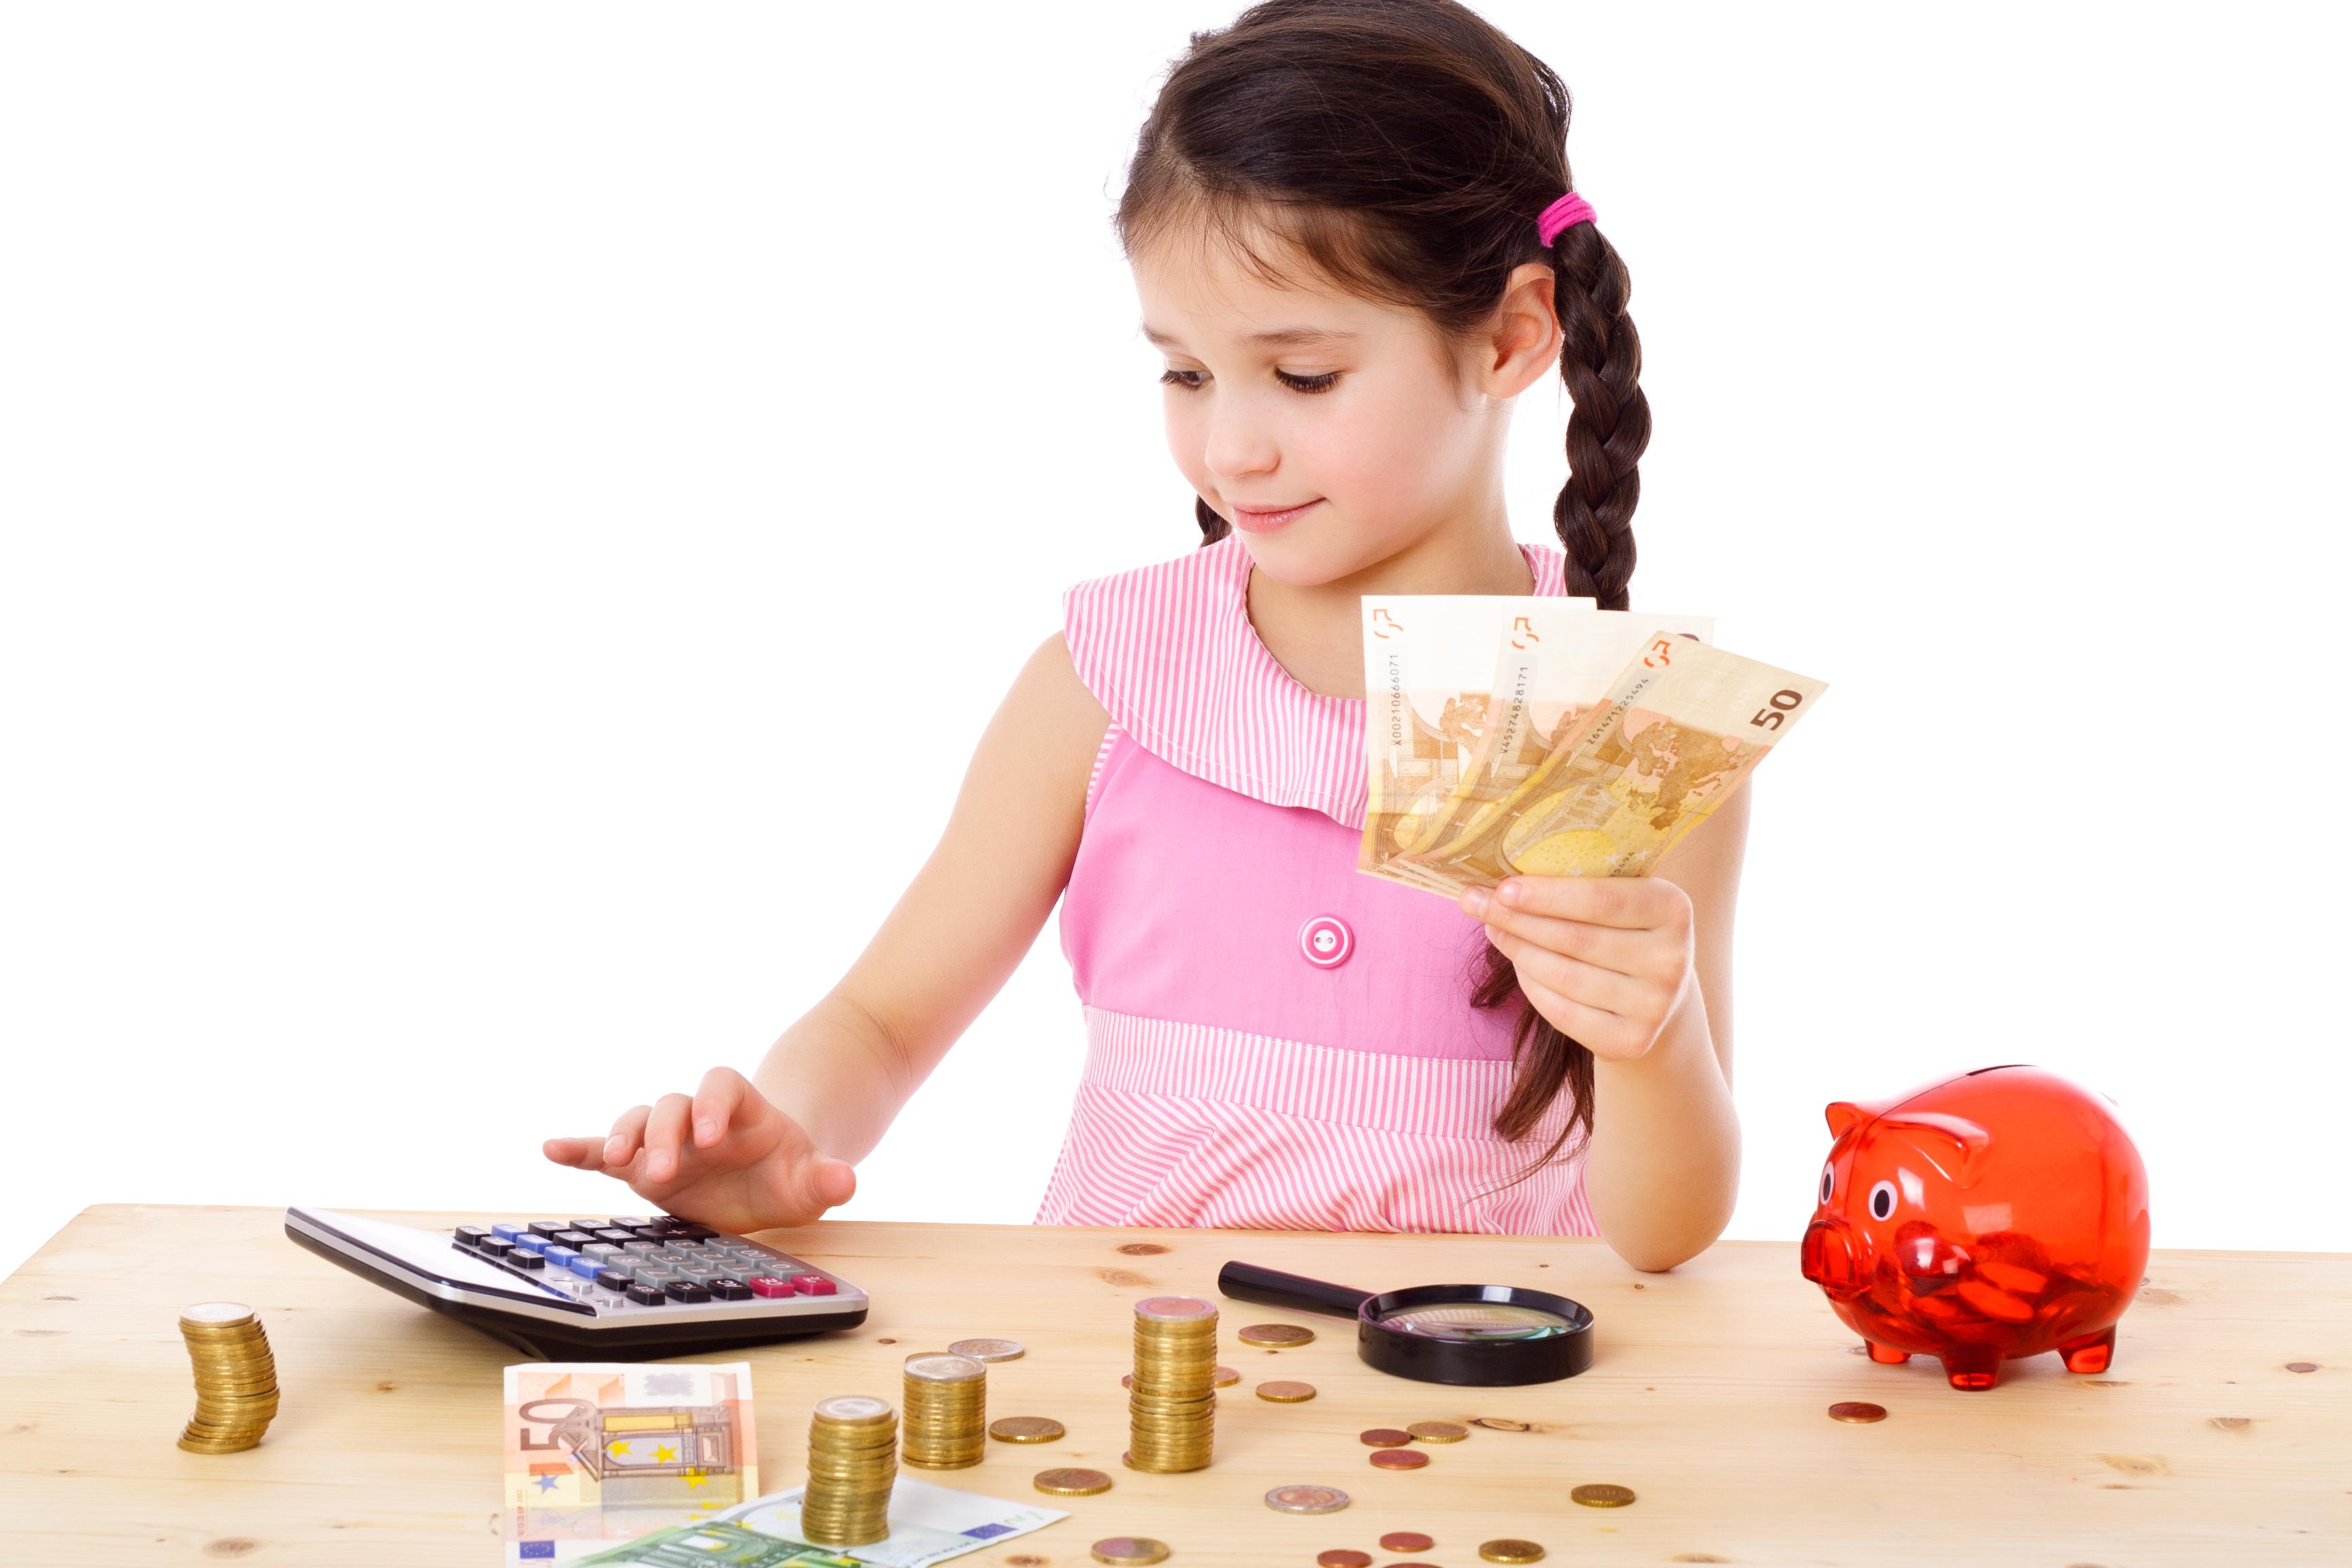 девочка держит деньги в руке и считает на калькуляторе, деньги, копилка и лупа на столе